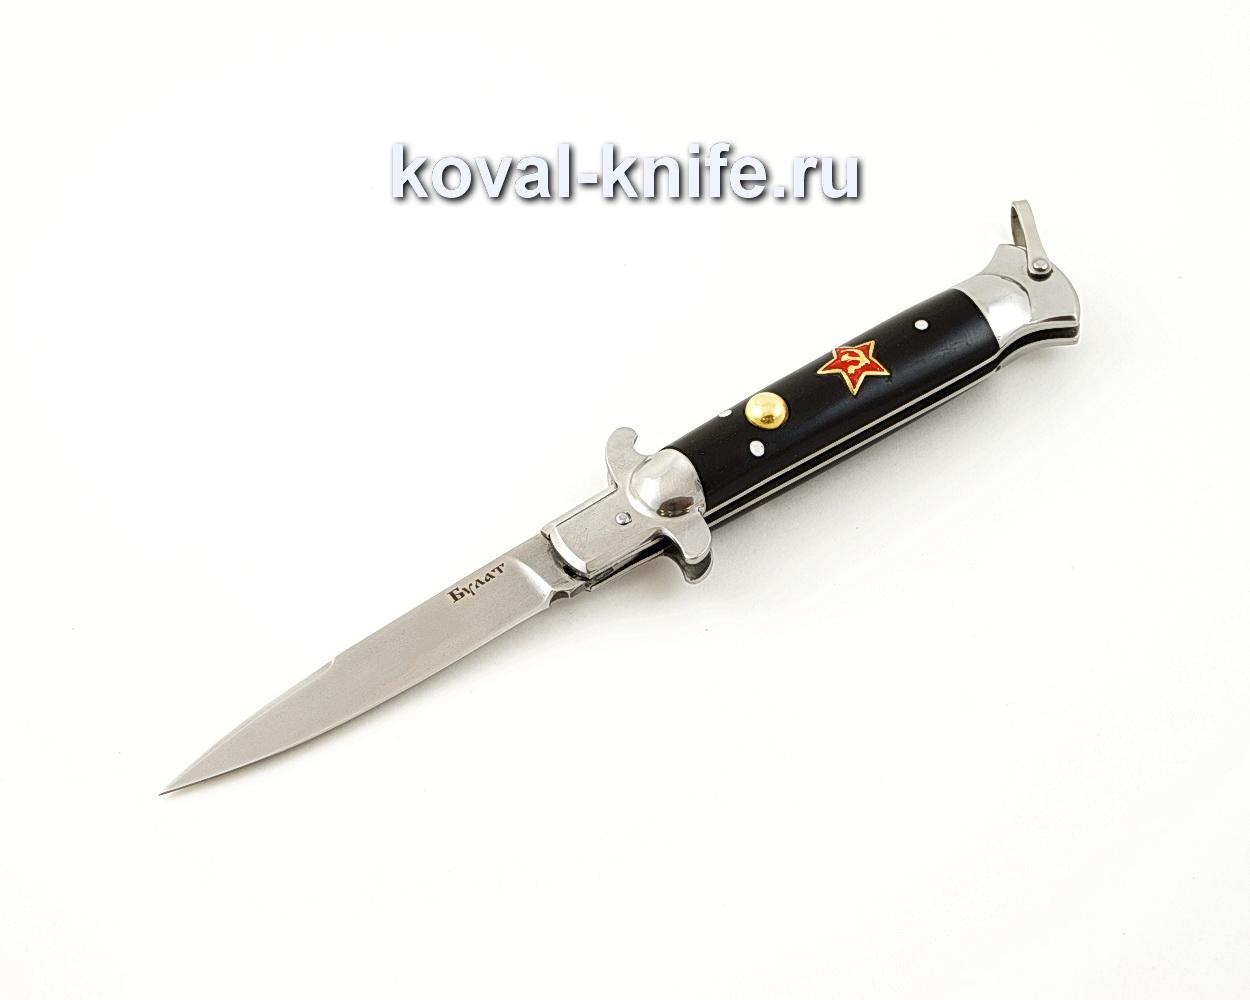 Выкидной нож Флинт со звездой из булатной стали с рукоятью из эбонита A543